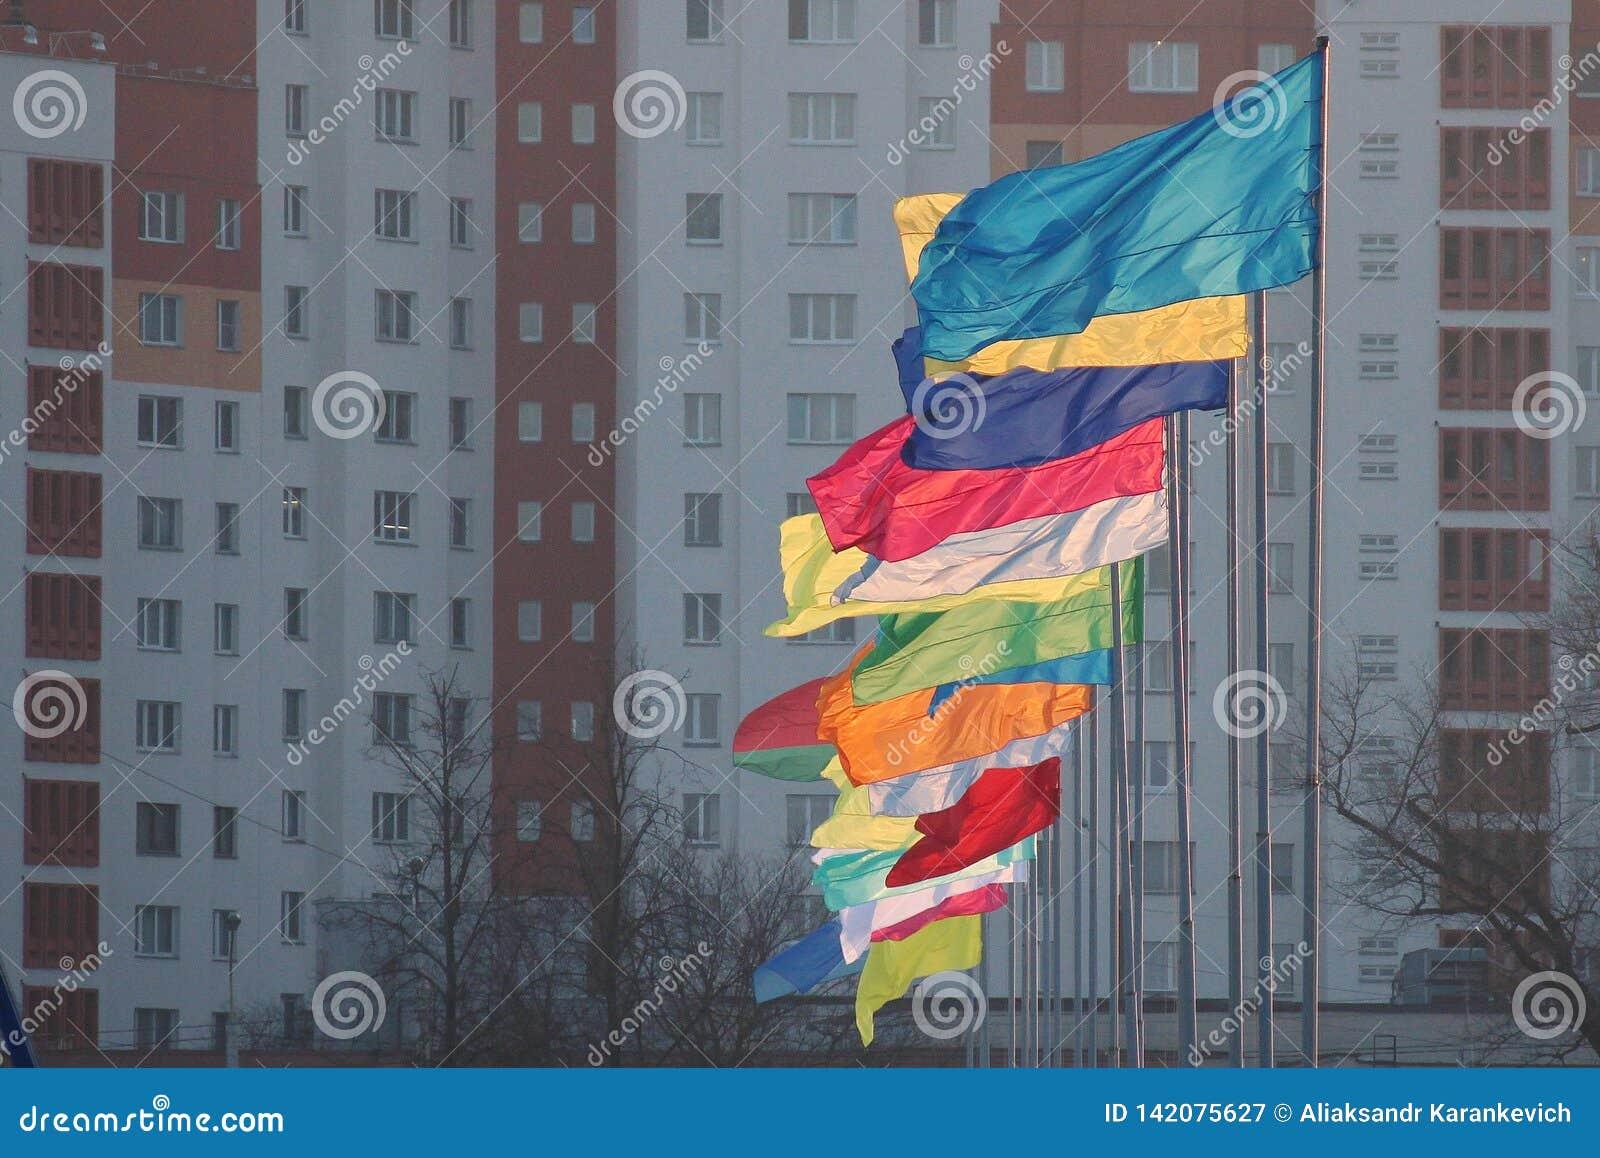 urban flags